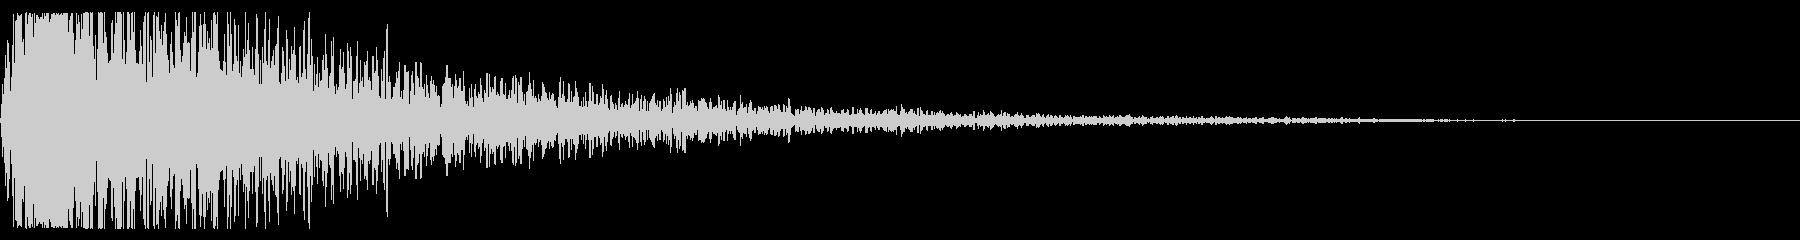 スマッシングスプリングメタルヒットの未再生の波形